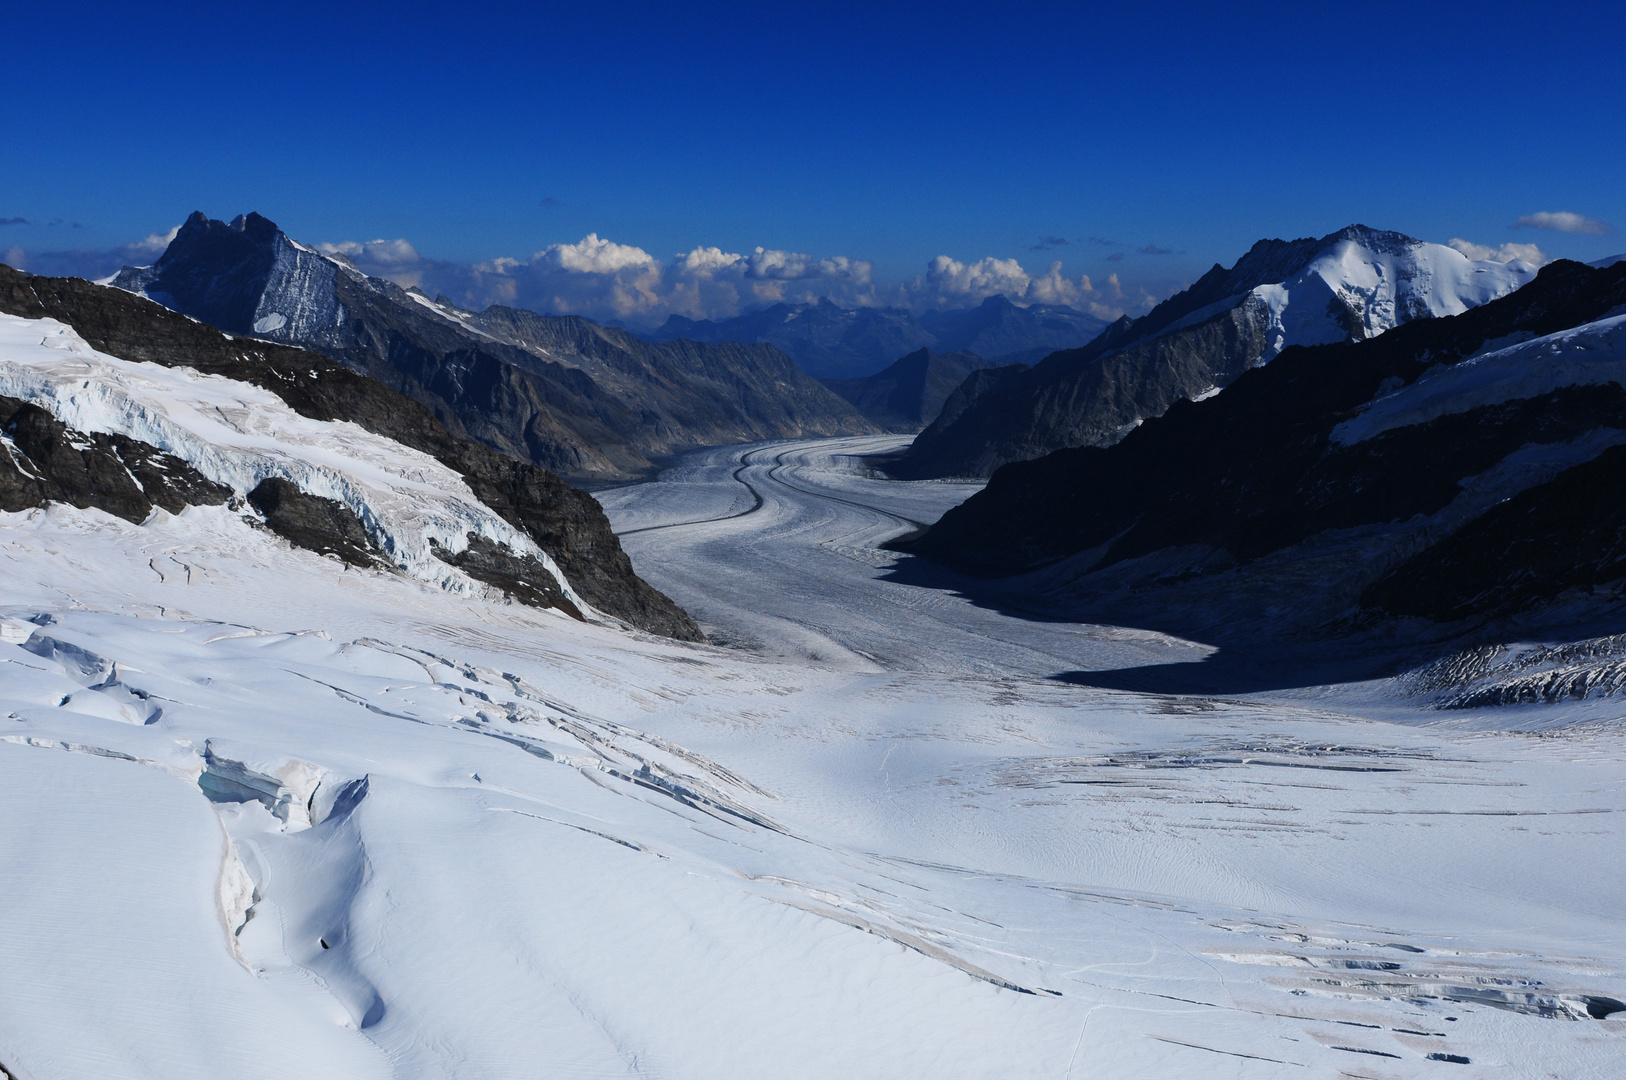 Schweiz: Der Aletsch Gletscher im Wallis